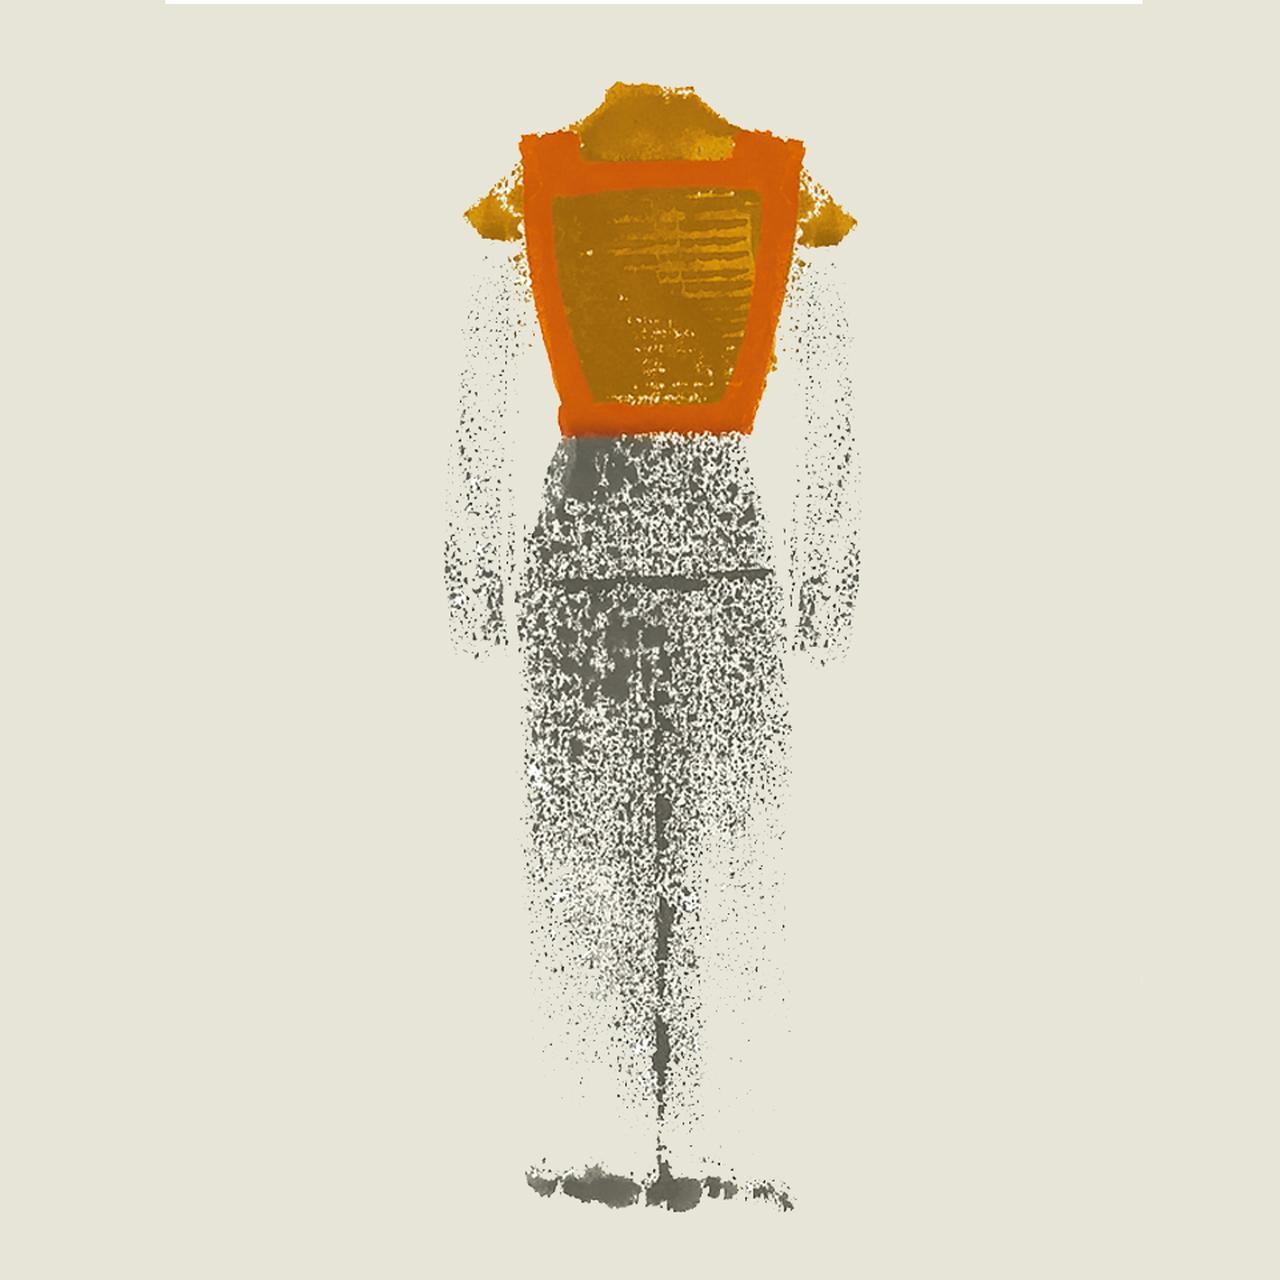 Images : 6番目の画像 - 「連載 Vol.1 コレクションは持ち主を語る。 グレン・クローズの衣装」のアルバム - T JAPAN:The New York Times Style Magazine 公式サイト